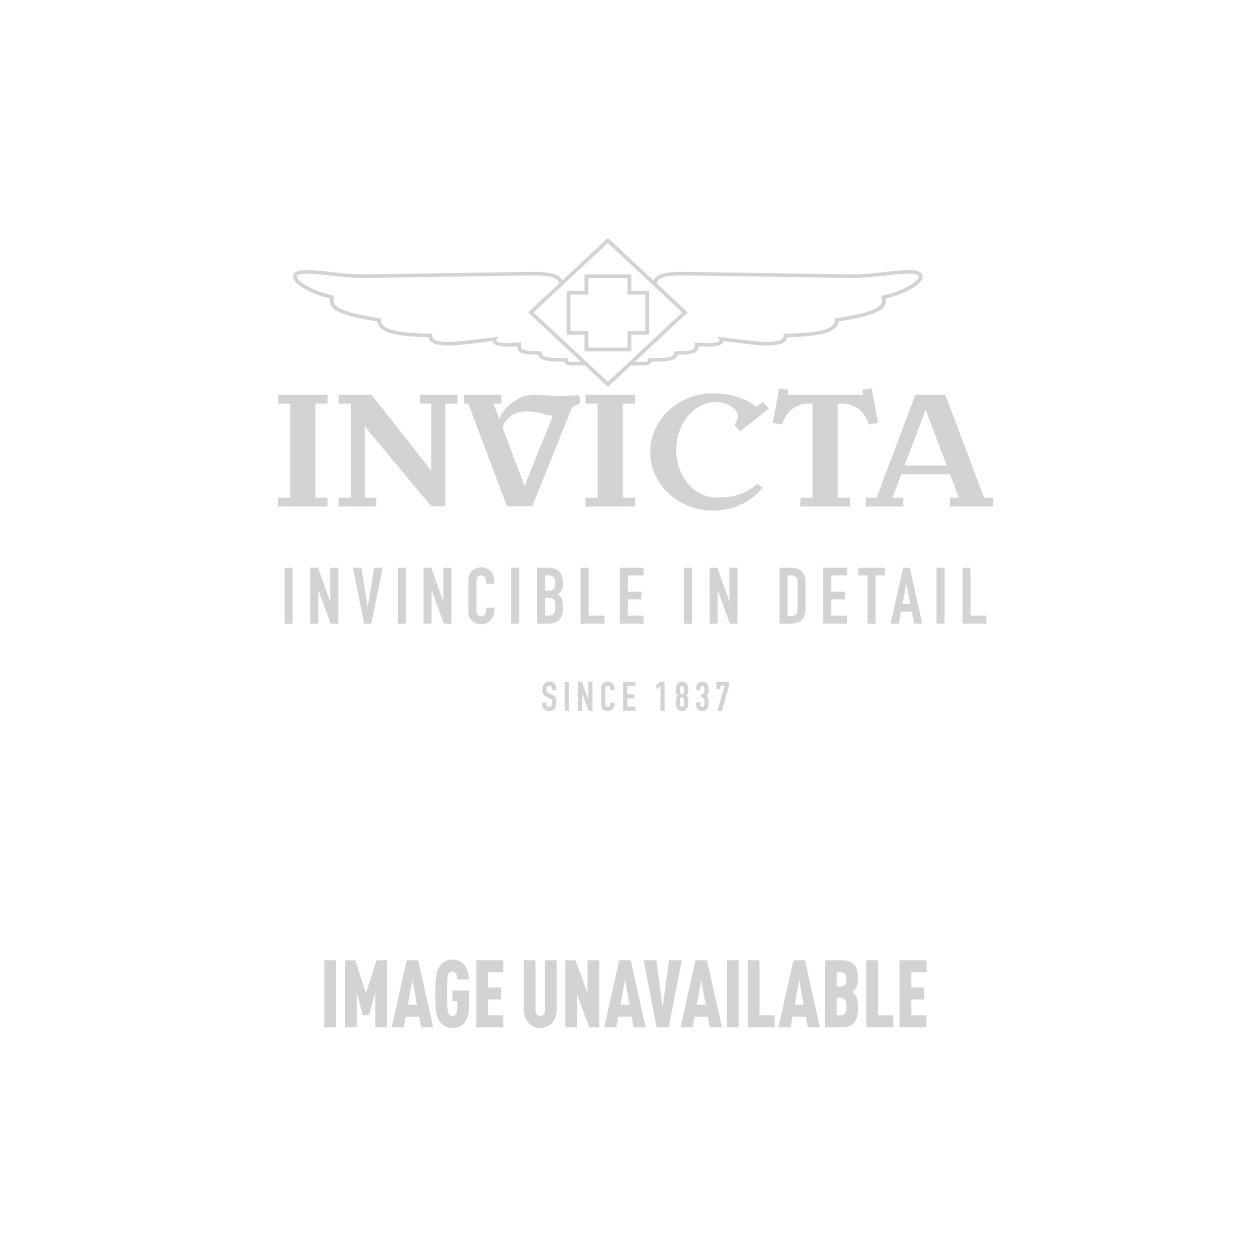 Invicta Model 22587